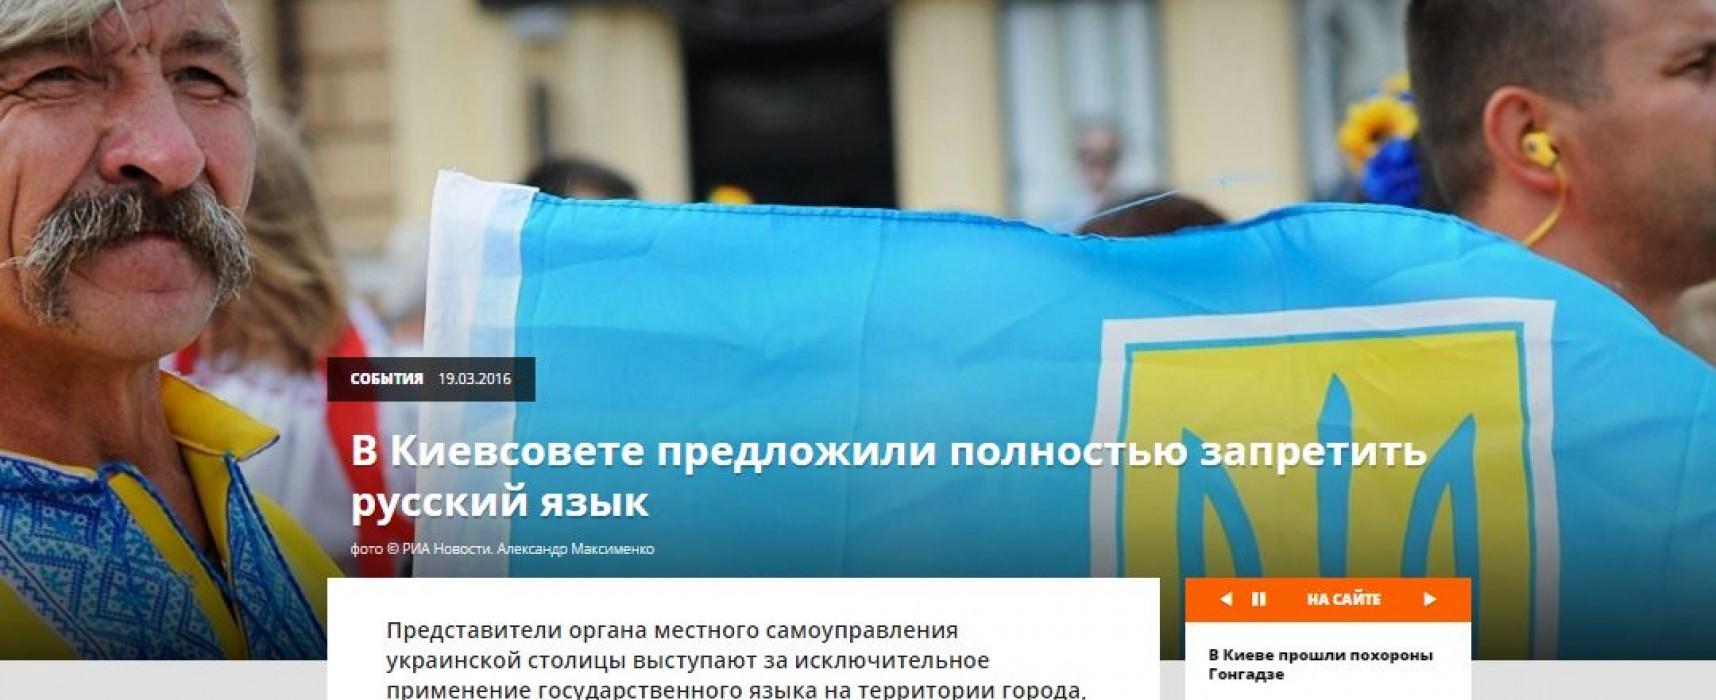 Fake: Il consiglio comunale di Kiev ha proposto di proibire completamente la lingua russa